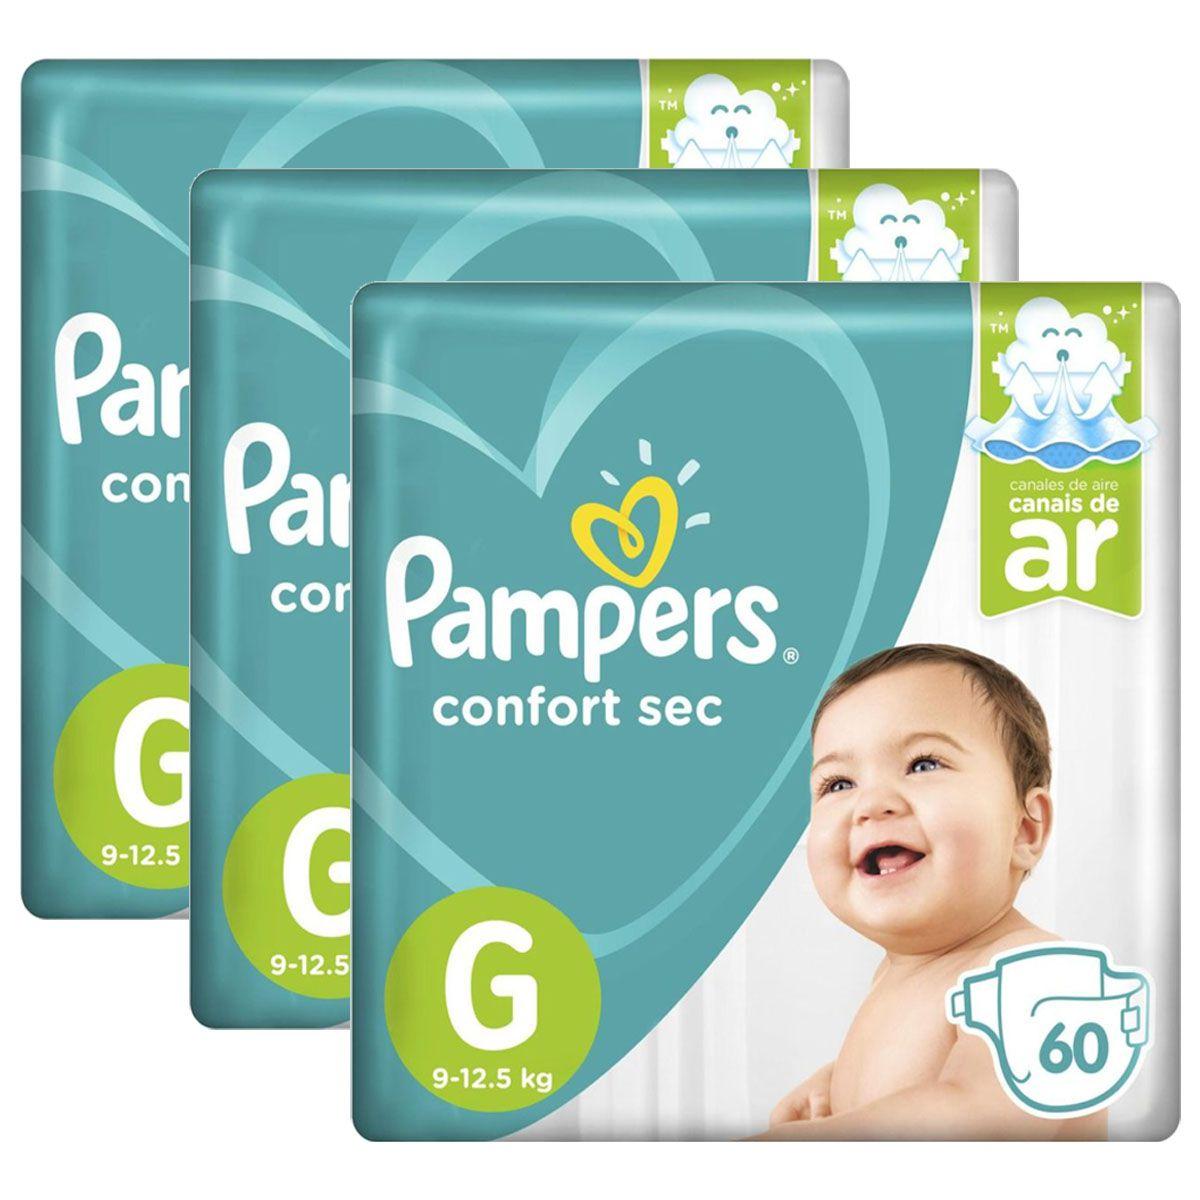 Kit Fralda Pampers Confort Sec Super Tamanho G 180 unidades